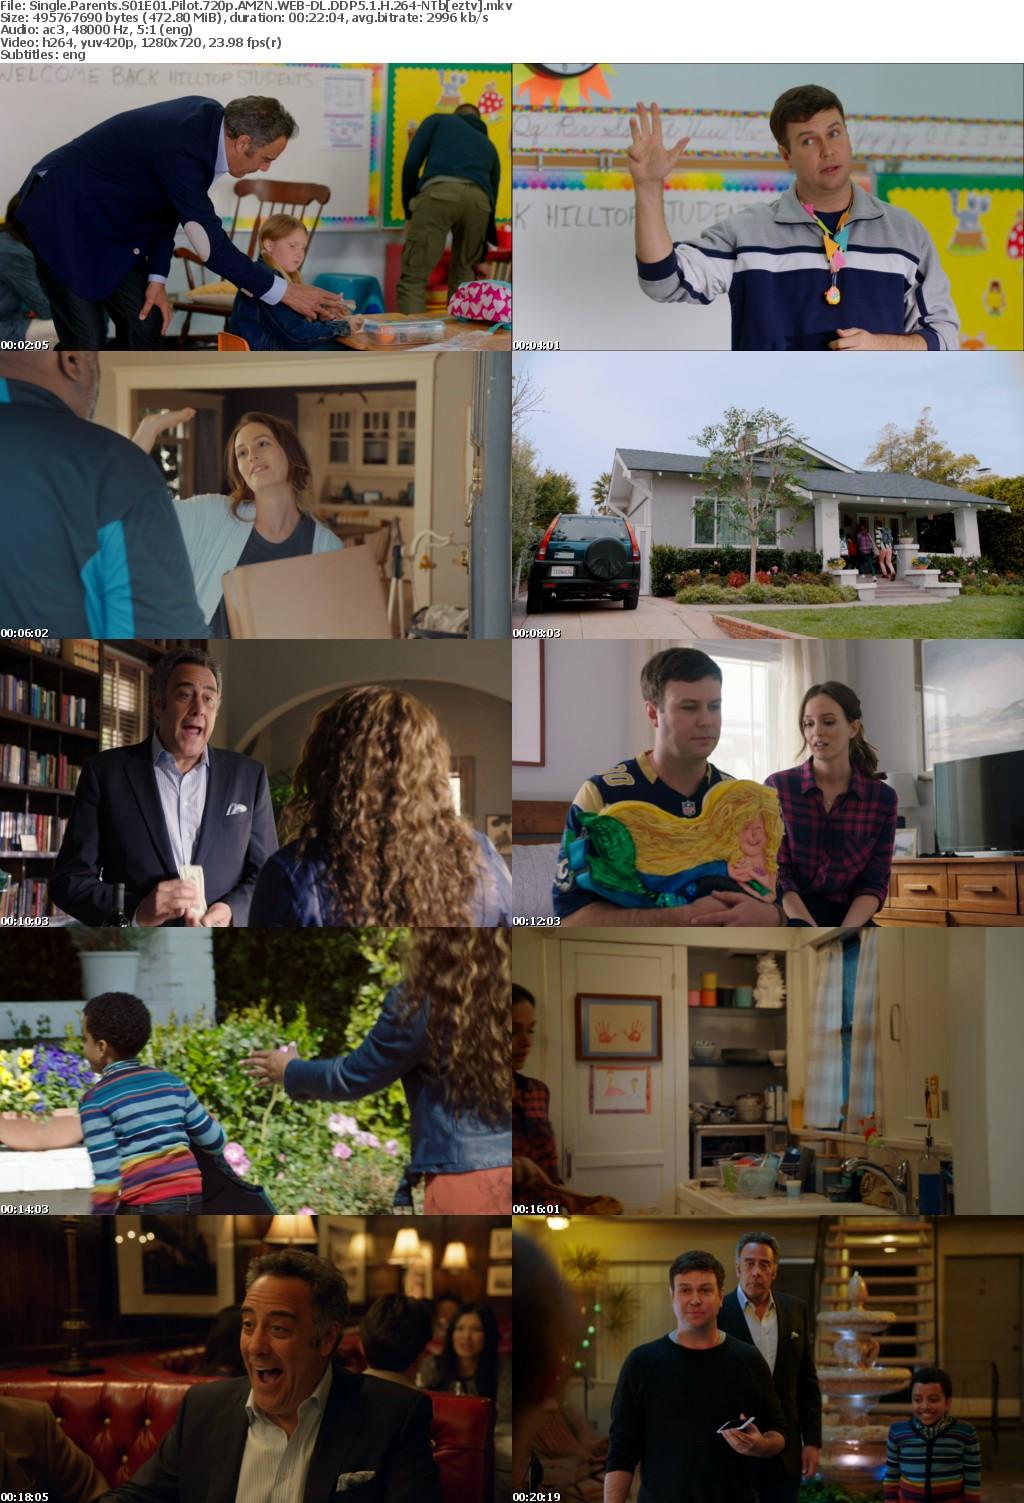 Single Parents S01E01 Pilot 720p AMZN WEB-DL DDP5 1 H 264-NTb